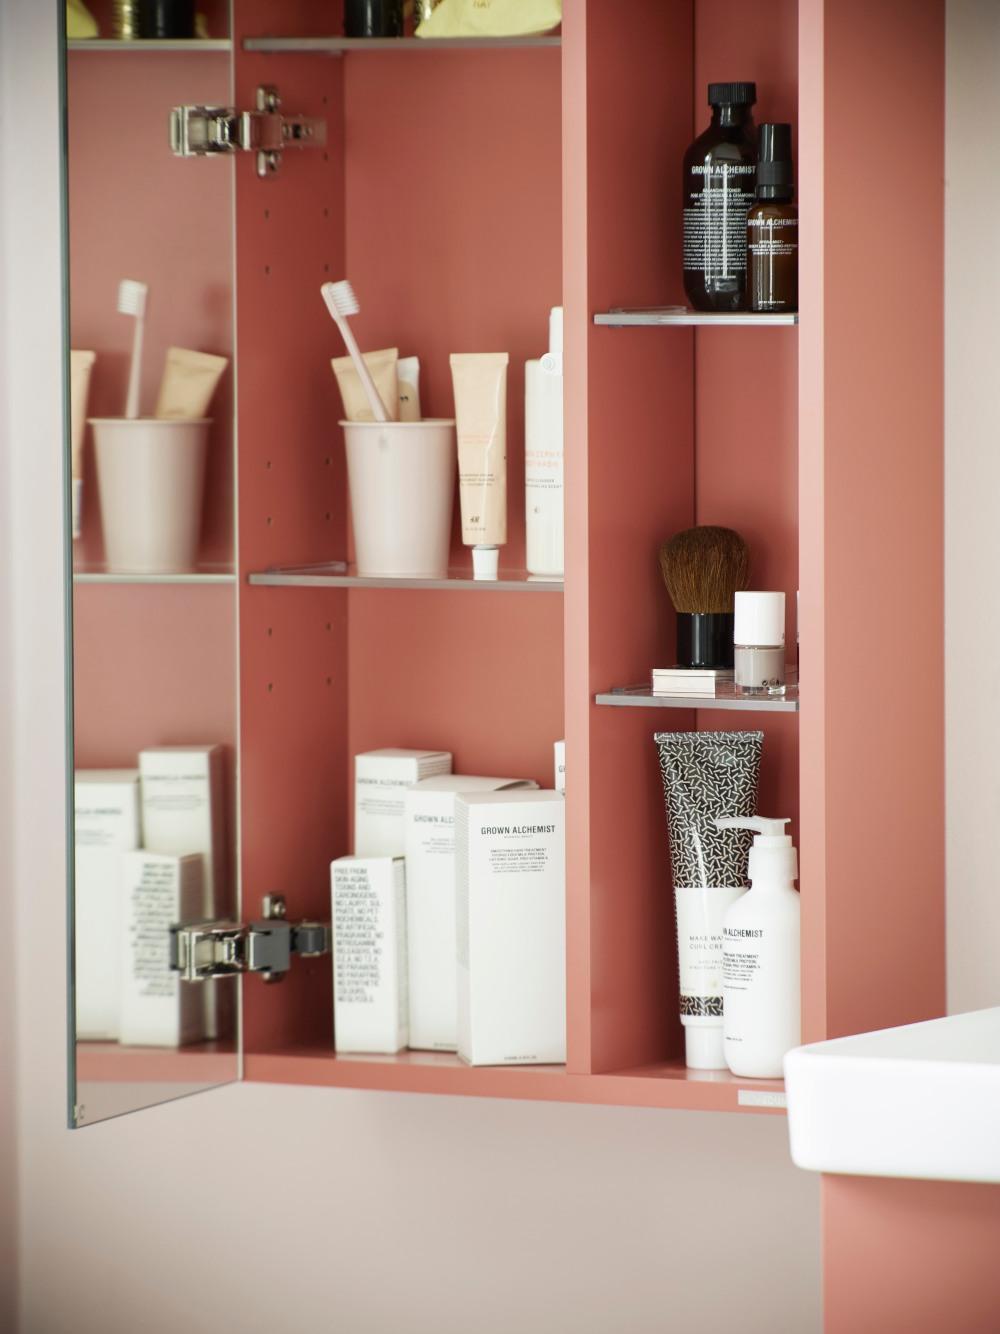 Badrumsskåp i persikofärg. Spegeldörren är öppen och det står krämer, tandborstar och annat på hyllorna.